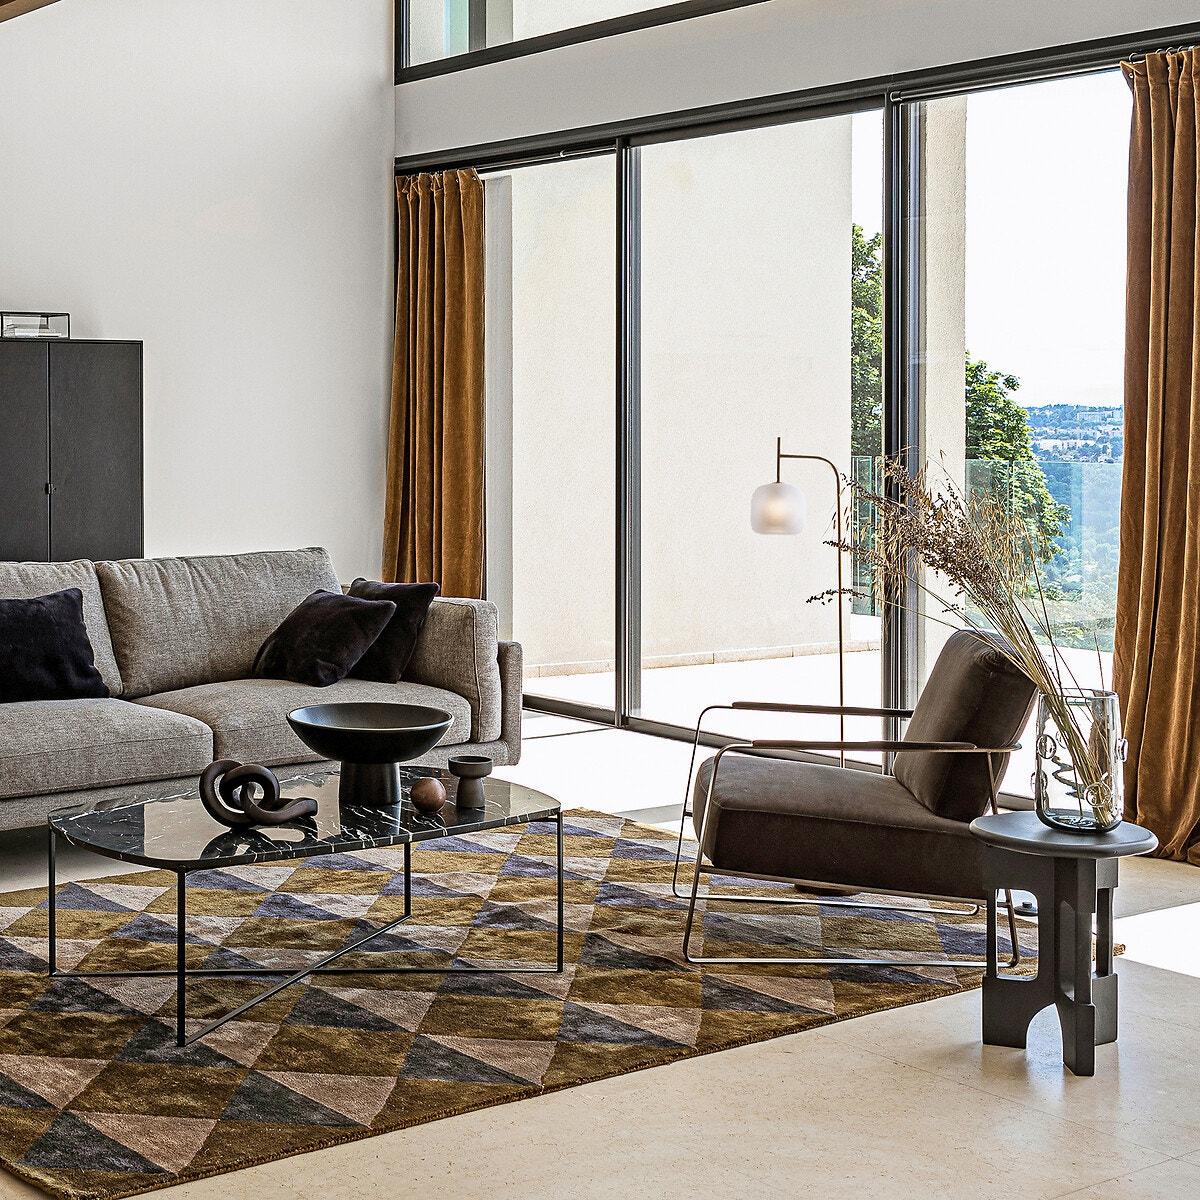 Table basse en marbre marron et laiton vieilli le must have du style art deco